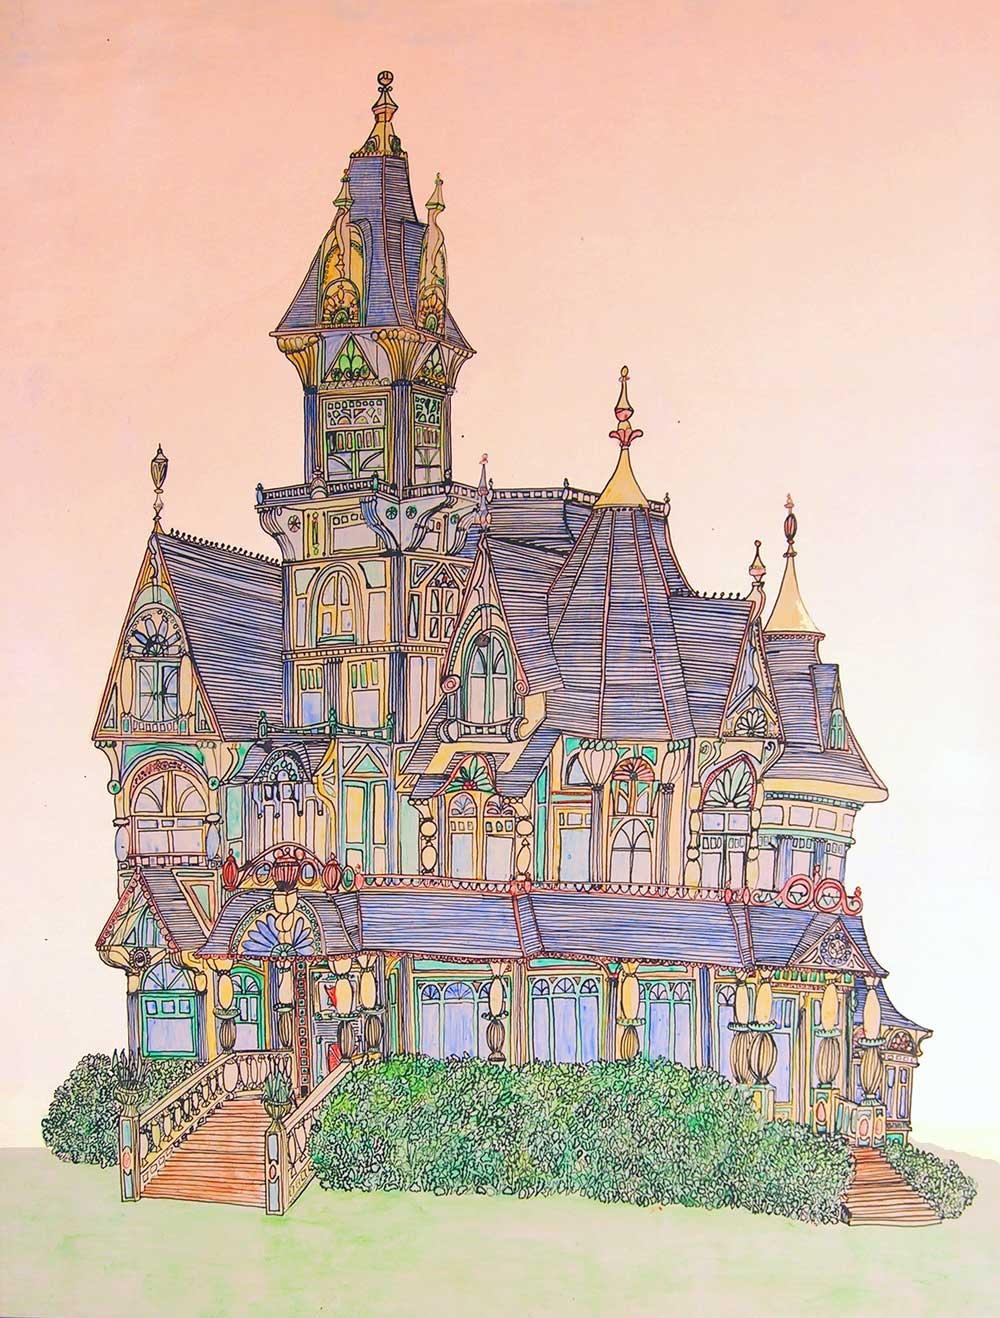 Paul's-Mansion-Illustration.jpg